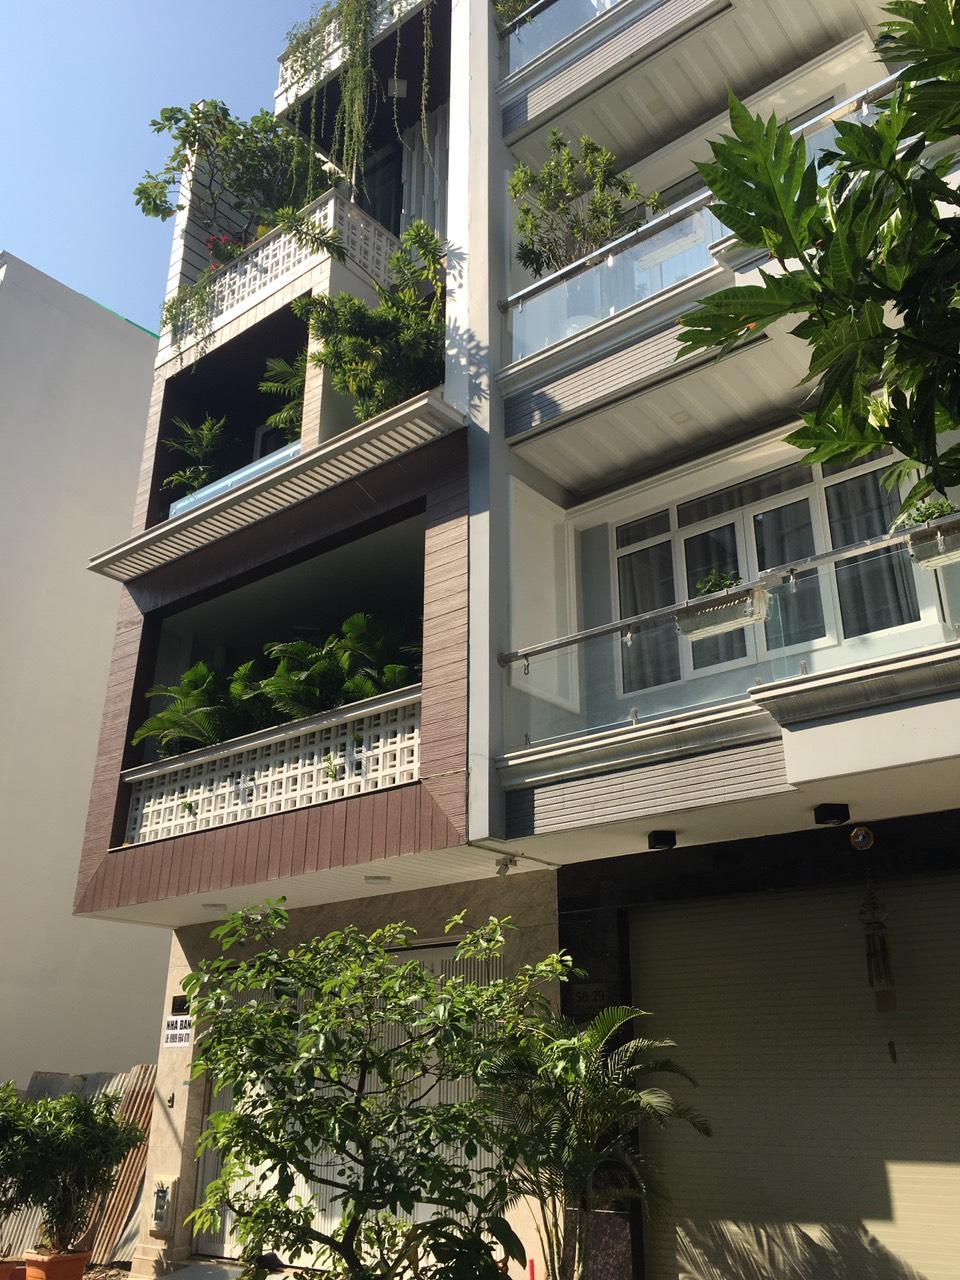 Bán nhà hẻm 108 Lê Văn Lương, Phường Tân Hưng, Quận 7 lh 0909645116